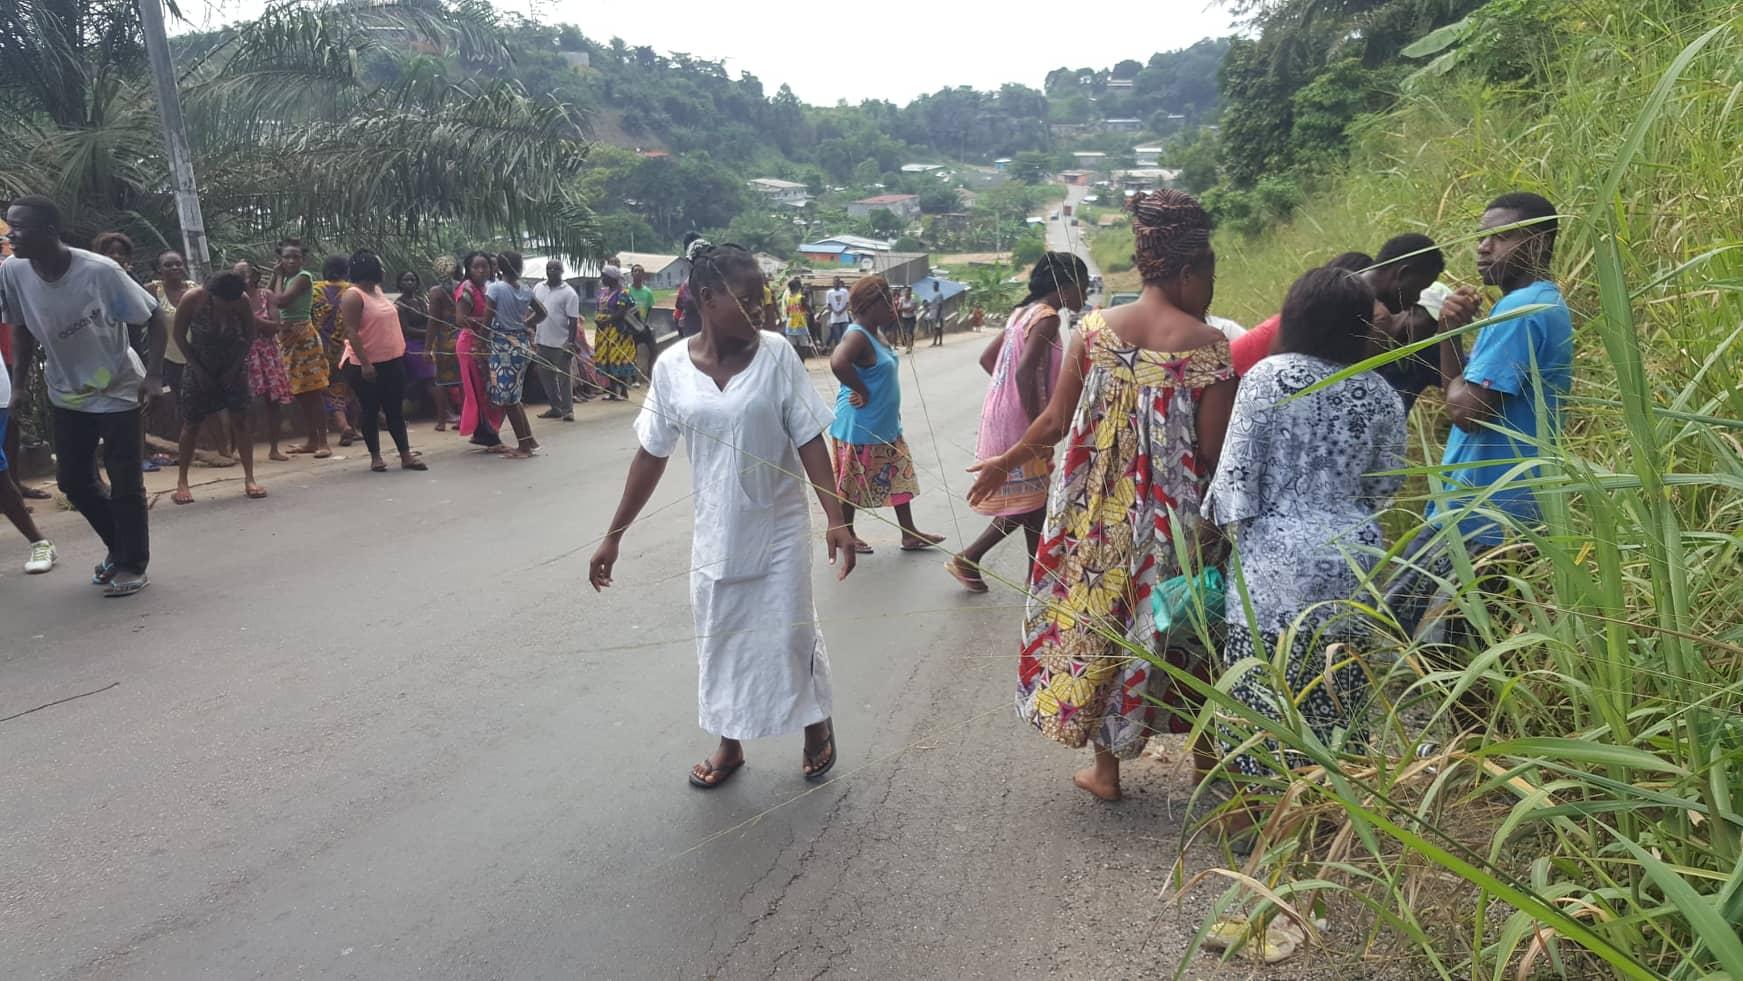 Insécurité: un corps sans vie retrouvé jeudi matin à Malaba vers Melen